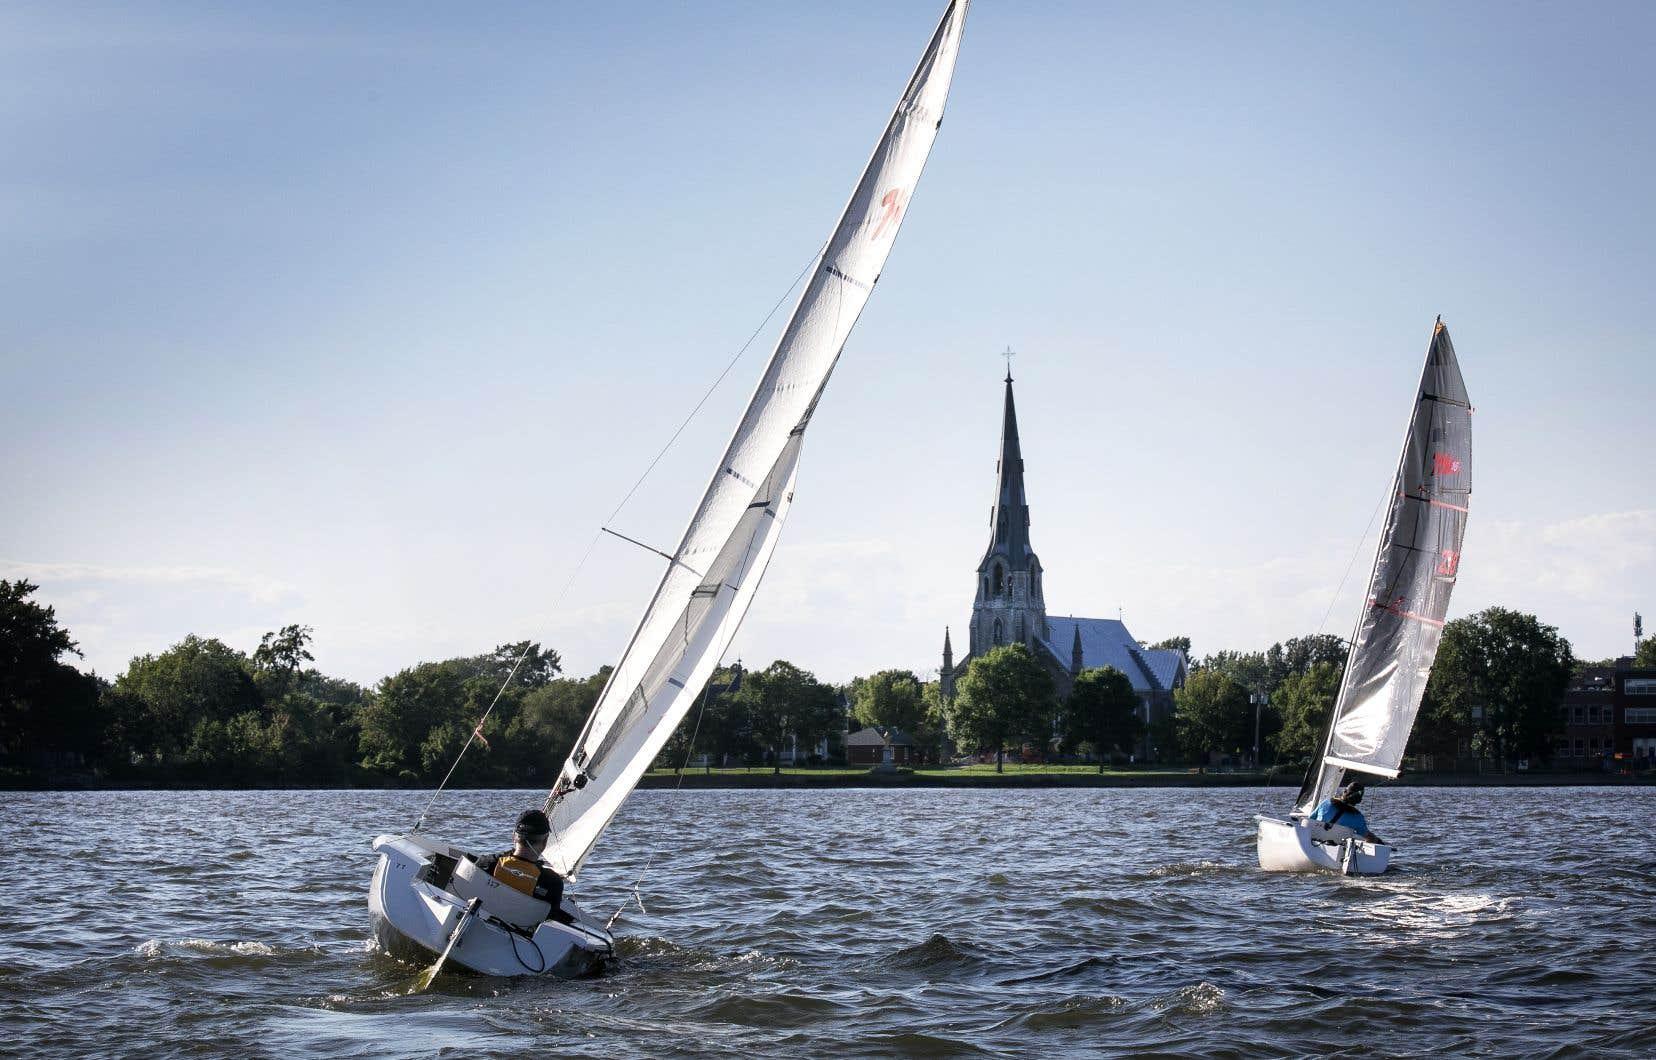 La voile adaptée est rendue possible grâce à de petits bateaux profilés, aux coques insubmersibles, lestées d'une quille de 150 kilogrammes et dotées d'un gouvernail et d'écoutes pour les voiles. Ces embarcations sont dirigées avec un simple «manche à balai». Sur la photo, le lac Saint-Louis dans le secteur de Pointe-Claire, dans l'ouest de l'île de Montréal.